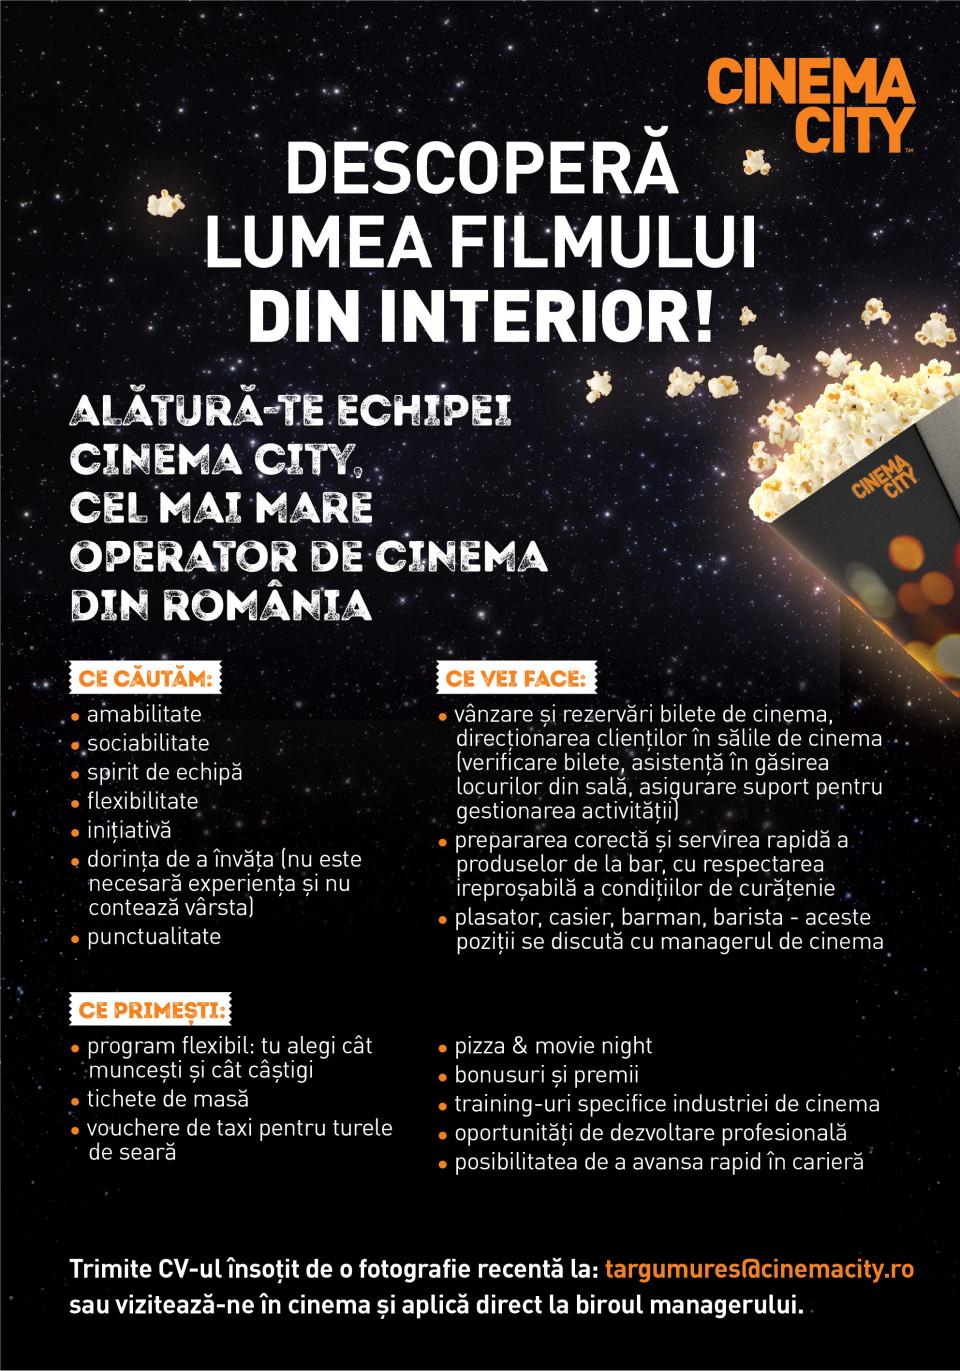 DESCOPERĂ LUMEA FILMULUI DIN INTERIOR!  Alătură-te echipei Cinema City, cel mai mare operator de cinema din România.  Cum ne dorim sa fie noul nostru coleg:  Cu atitudine pozitivă Dornic să învețe (nu este necesară experiența și nu contează vârsta) Punctual Cu bune abilități de comunicare și relaționare Amabil Să îi placă să lucreze în echipă Determinat Cu inițiativă Căutăm colegi care să descopere cu entuziasm lumea filmului din interior pentru următoarele roluri  Barman / Barista / Casier / Plasator  În funcție de rolul potrivit pentru tine, responsabilitățile generale ar putea fi:  - vânzarea de bilete și rezervări bilete de cinema, direcționarea clienților în cinema (verificare bilete, asistență în găsirea locurilor din sală, asigurare suport pentru gestionarea activității);  - preparea corectă și servirea rapidă a produselor de la bar sau cafenea, cu respectarea ireproșabilă a condițiilor de curățenie;  - întâmpinarea clienților și oferirea informațiilor corecte despre produsele noastre;  Barman / Barista / Casier / Plasator – aceste poziții se discută în cadrul interviului.  Ce îți garantăm:  - Program flexibil (tu alegi cât muncești și cât câștigi) - Tichete de masa - Pizza & Movie night - Bonusuri și premii - Training-uri specifice industriei de cinema - Vouchere de taxi pentru turele de seară - Oportunități de dezvoltare profesională - Posibilitatea de a avansa rapid în carieră  Punem accent pe dezvoltarea oamenilor și ne dorim ca fiecare coleg să fie foarte bine pregătit profesional existând șanse de promovare. Dezvoltă și tu o carieră în industria de cinema!  Trimite CV-ul insotit de o fotografie recenta la: targumures@cinemacity.ro sau viziteaza-ne in cinema si aplica direct la biroul managerului.  Te așteptăm cu drag! Descoperă lumea filmului din interior!Alătură-te echipei Cinema City, cel mai mare operator de cinema din România, parte din Cineworld, al doilea mare lanț de cinematografe din lume!Ne dorim să fim cel mai bun loc unde se vizionează filmel